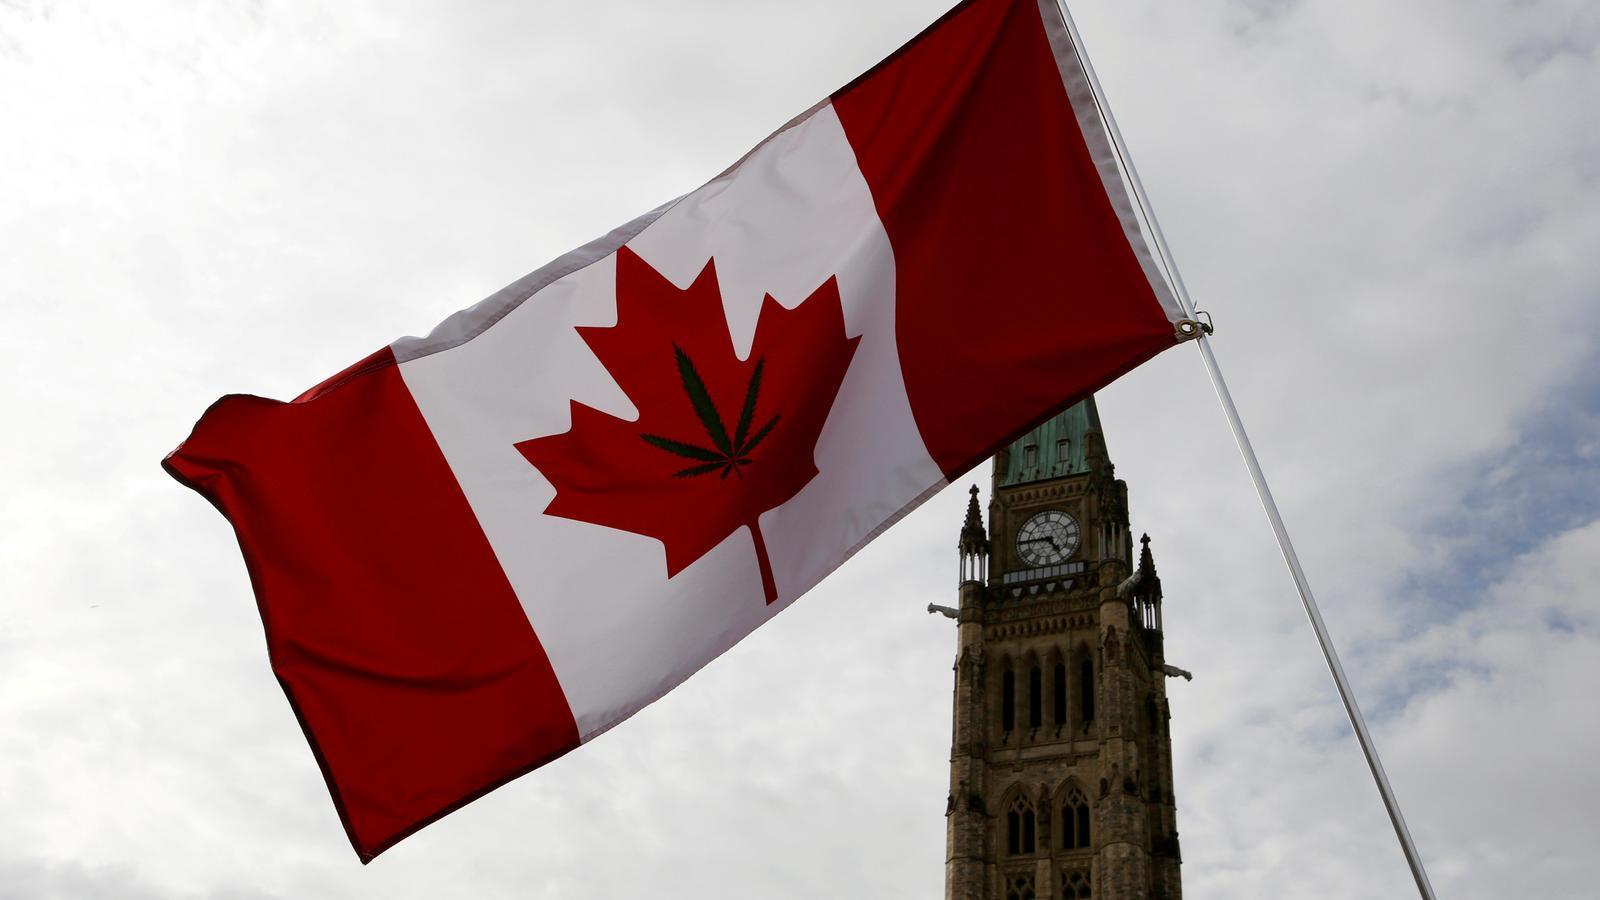 Una bandera canadenca amb el dibuix d'una fulla de marihuana oneja davant del Parlament canadenc, a Ottawa